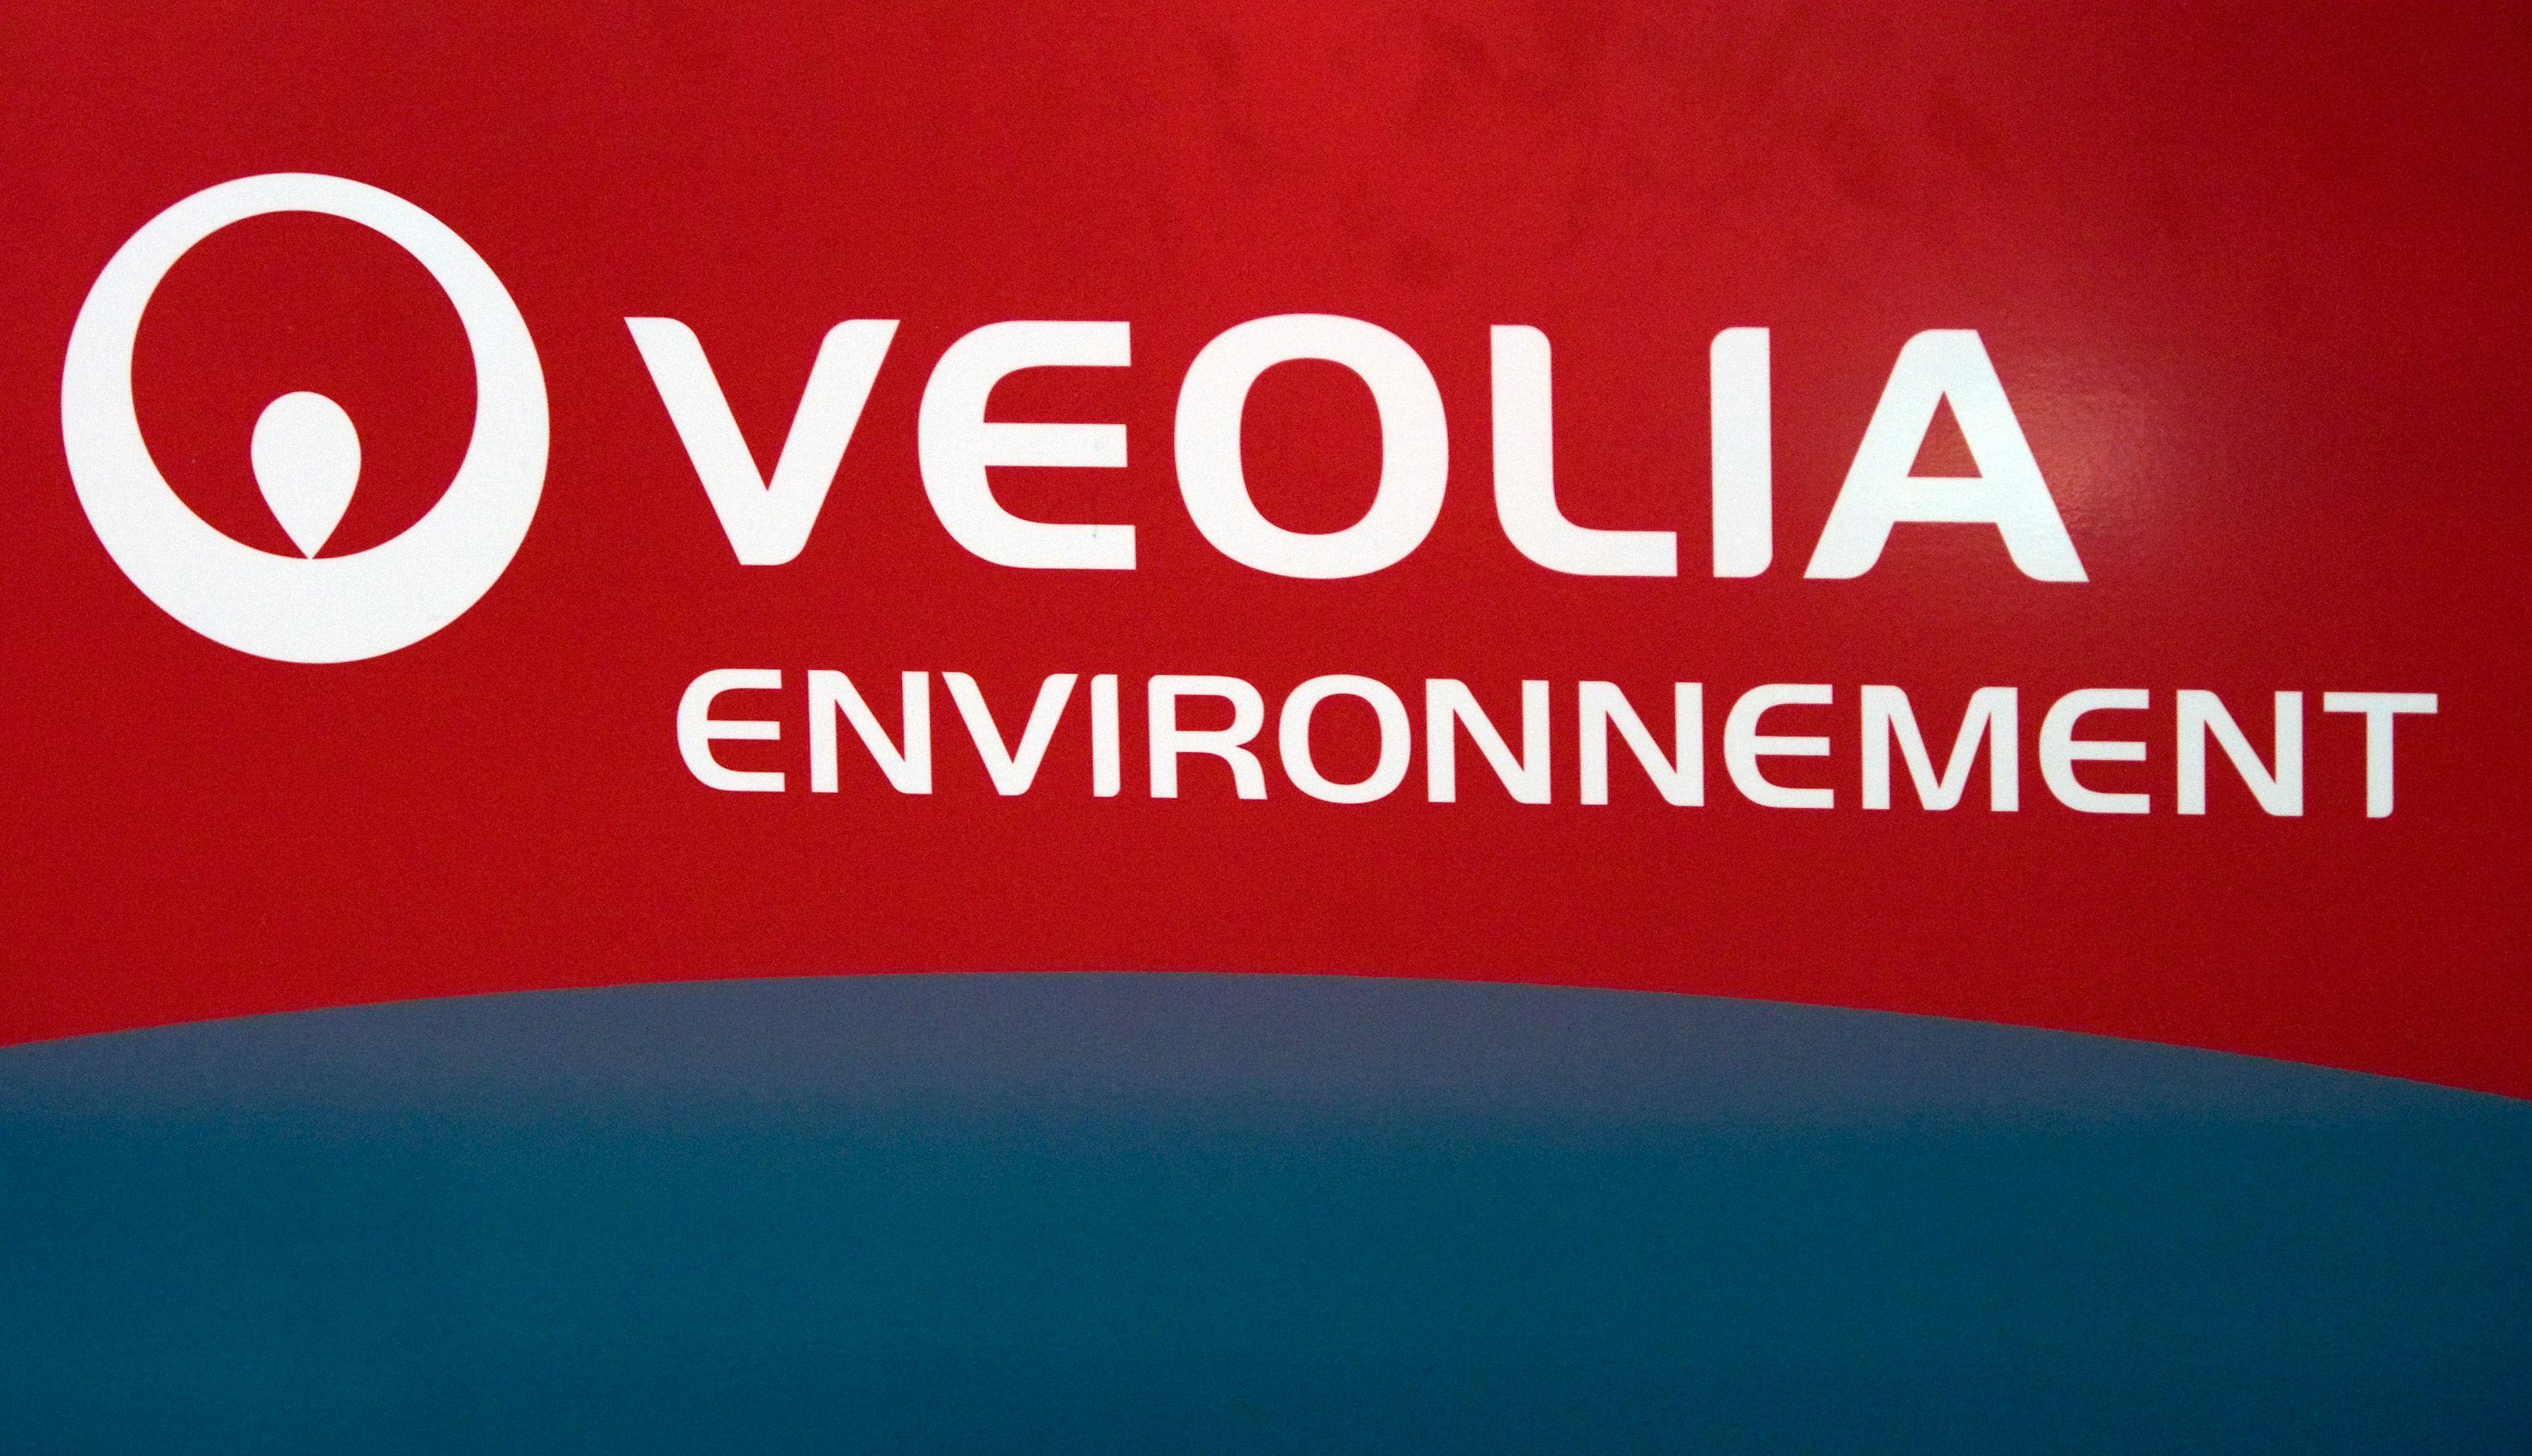 La branche Eau de Veolia Environnement devrait supprimer 1 500 emplois en France